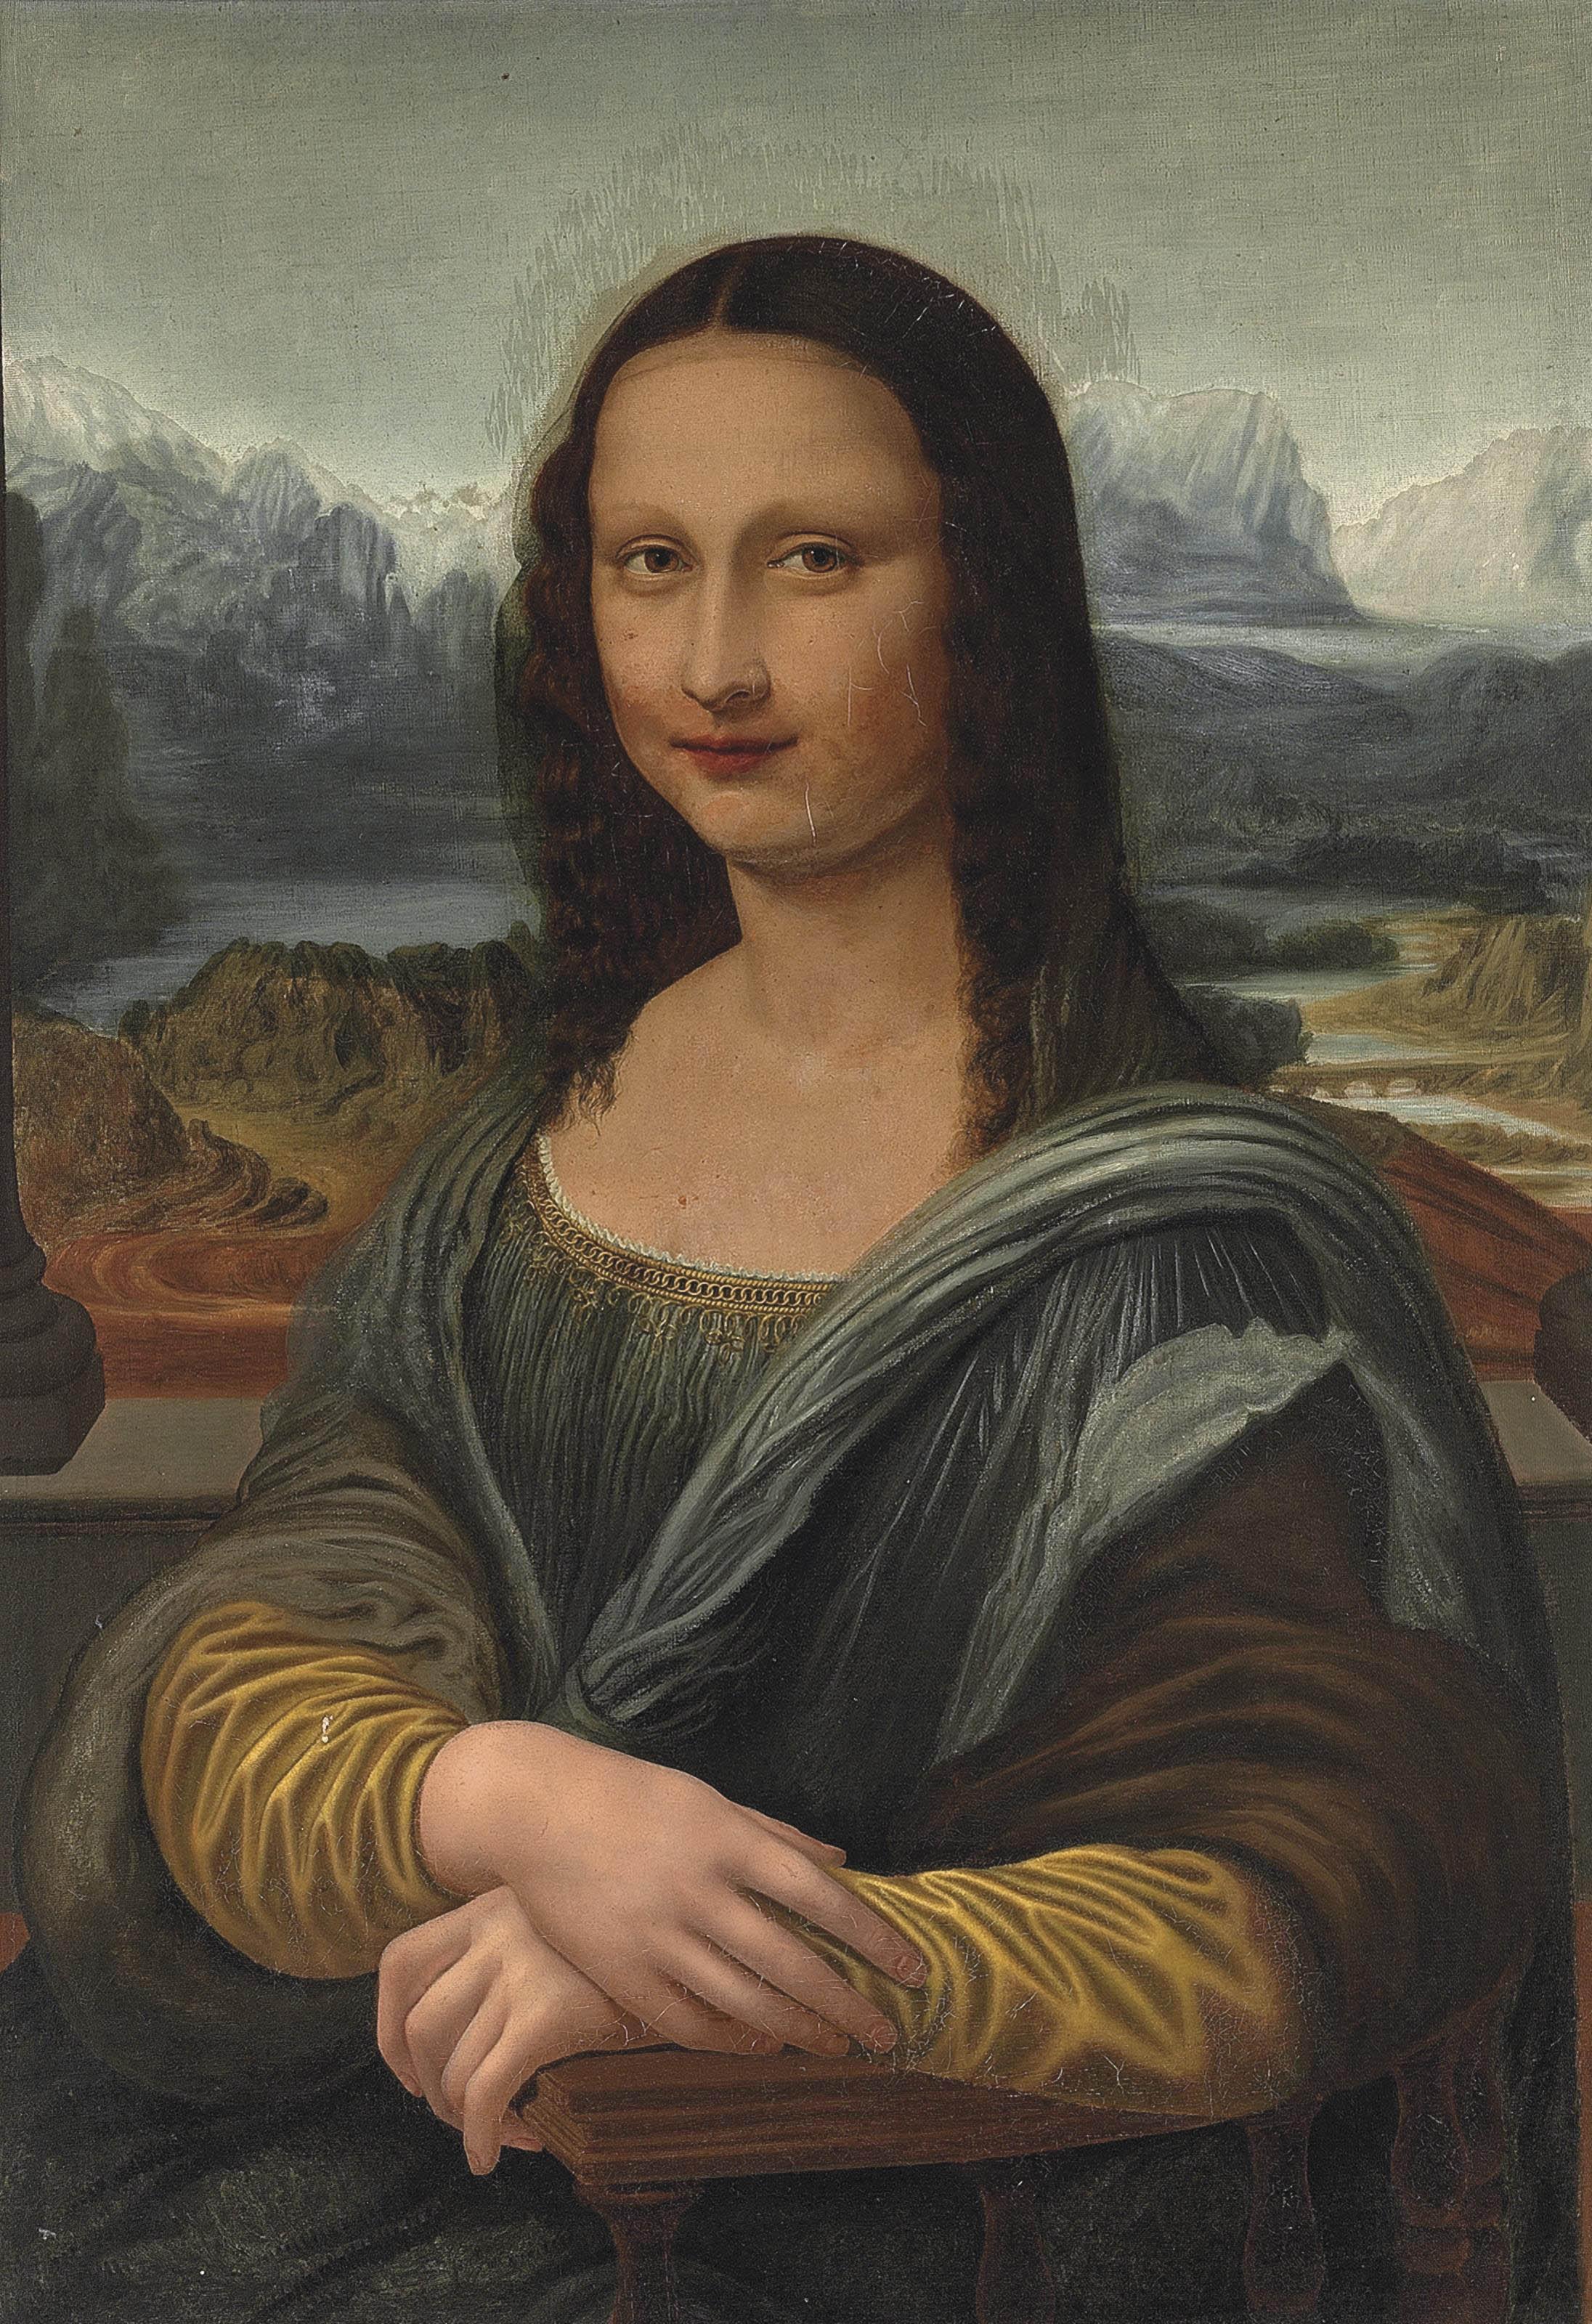 Laurent Mehrn, after Leonardo